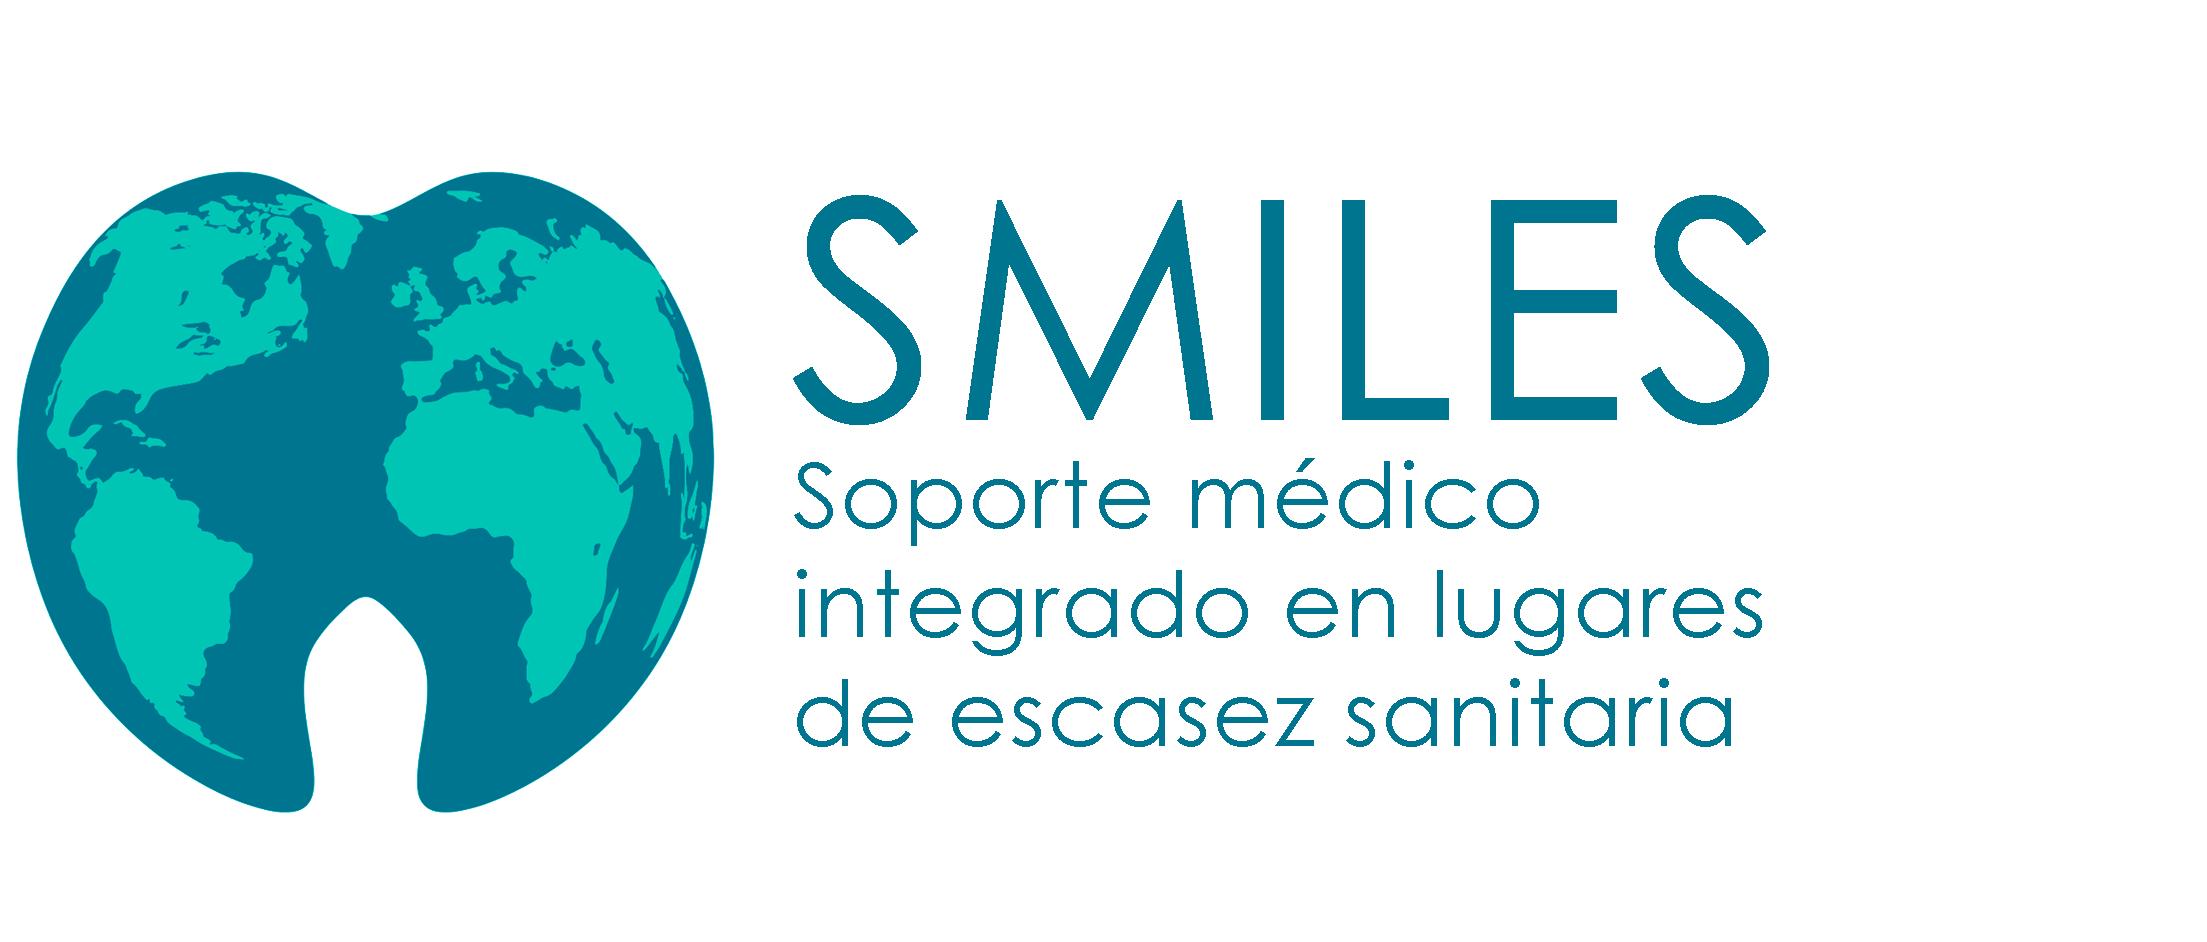 SMILES es una Organización No Gubernamental (ONG) dedicada a cubrir necesidades sanitarias en lugares con escasos recursos.